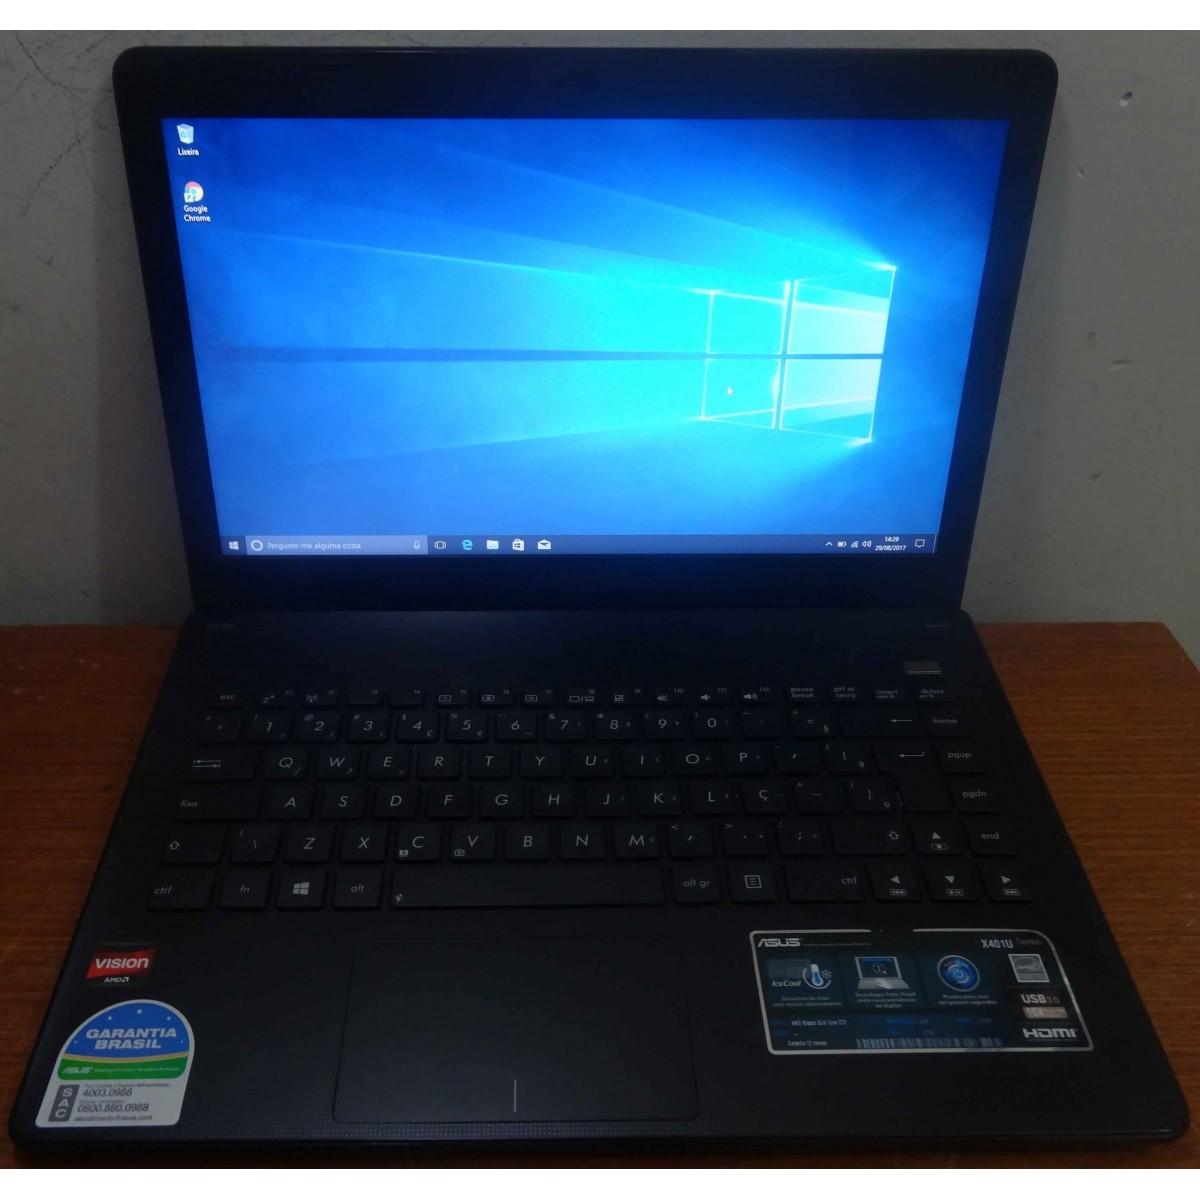 Notebook Asus X401U 14'' AMD C-70 1GHz 2GB HD-250GB